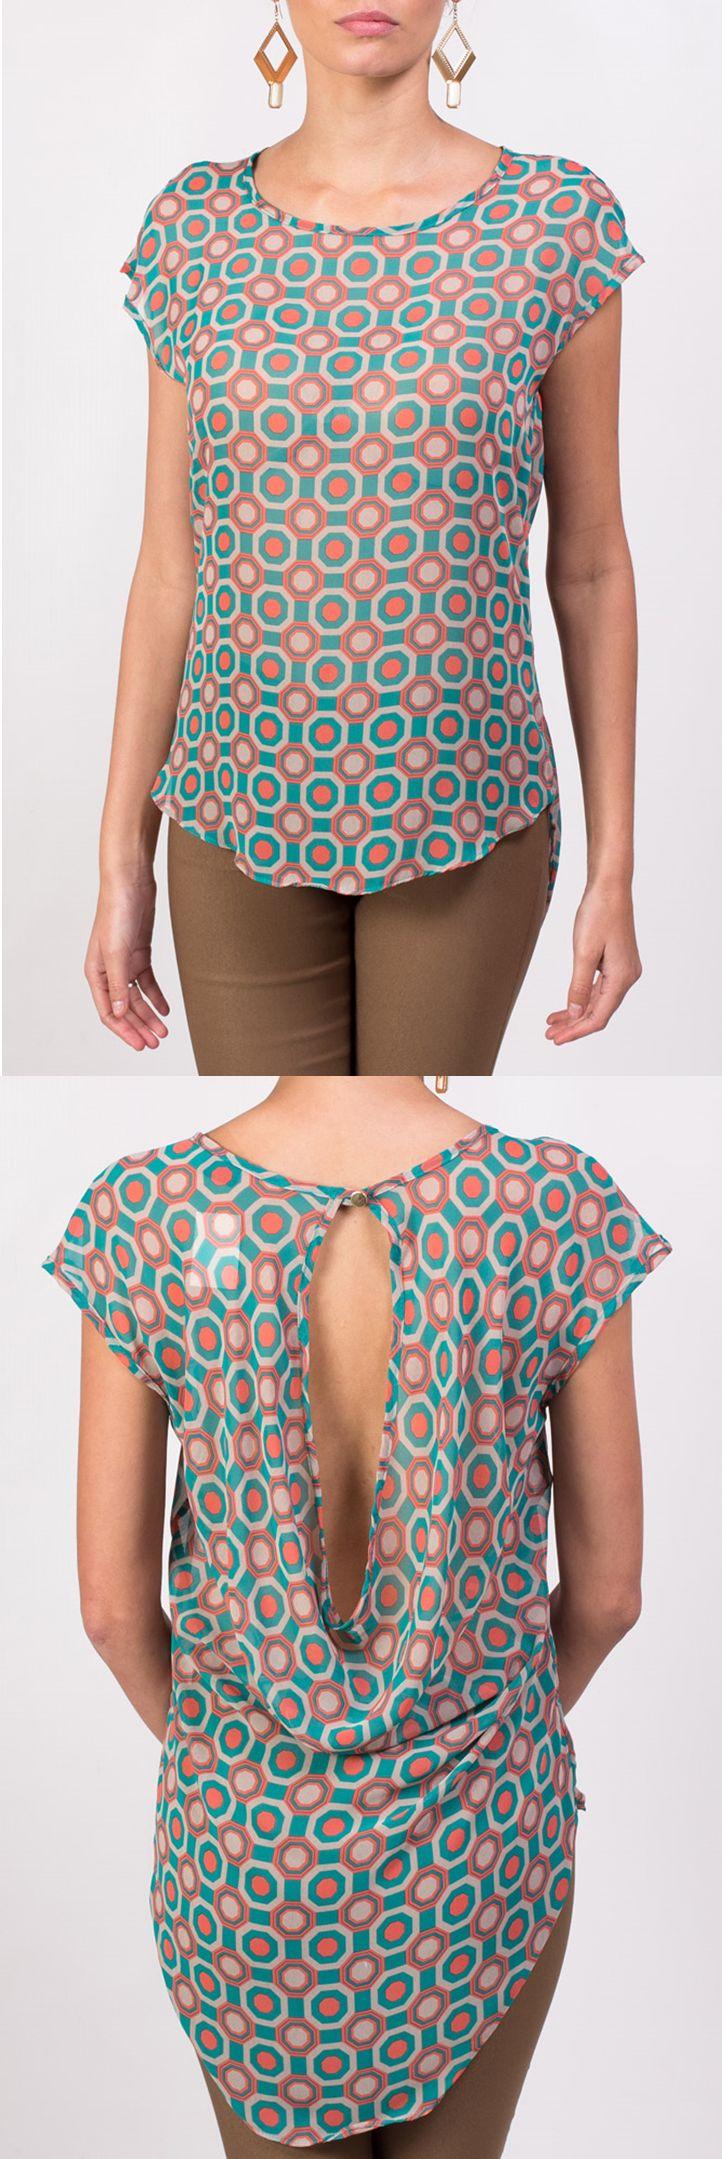 Blusa KAMI color turquesa con un delicado escote en la espalda que también puedes encontrar disponible en color fucsia.